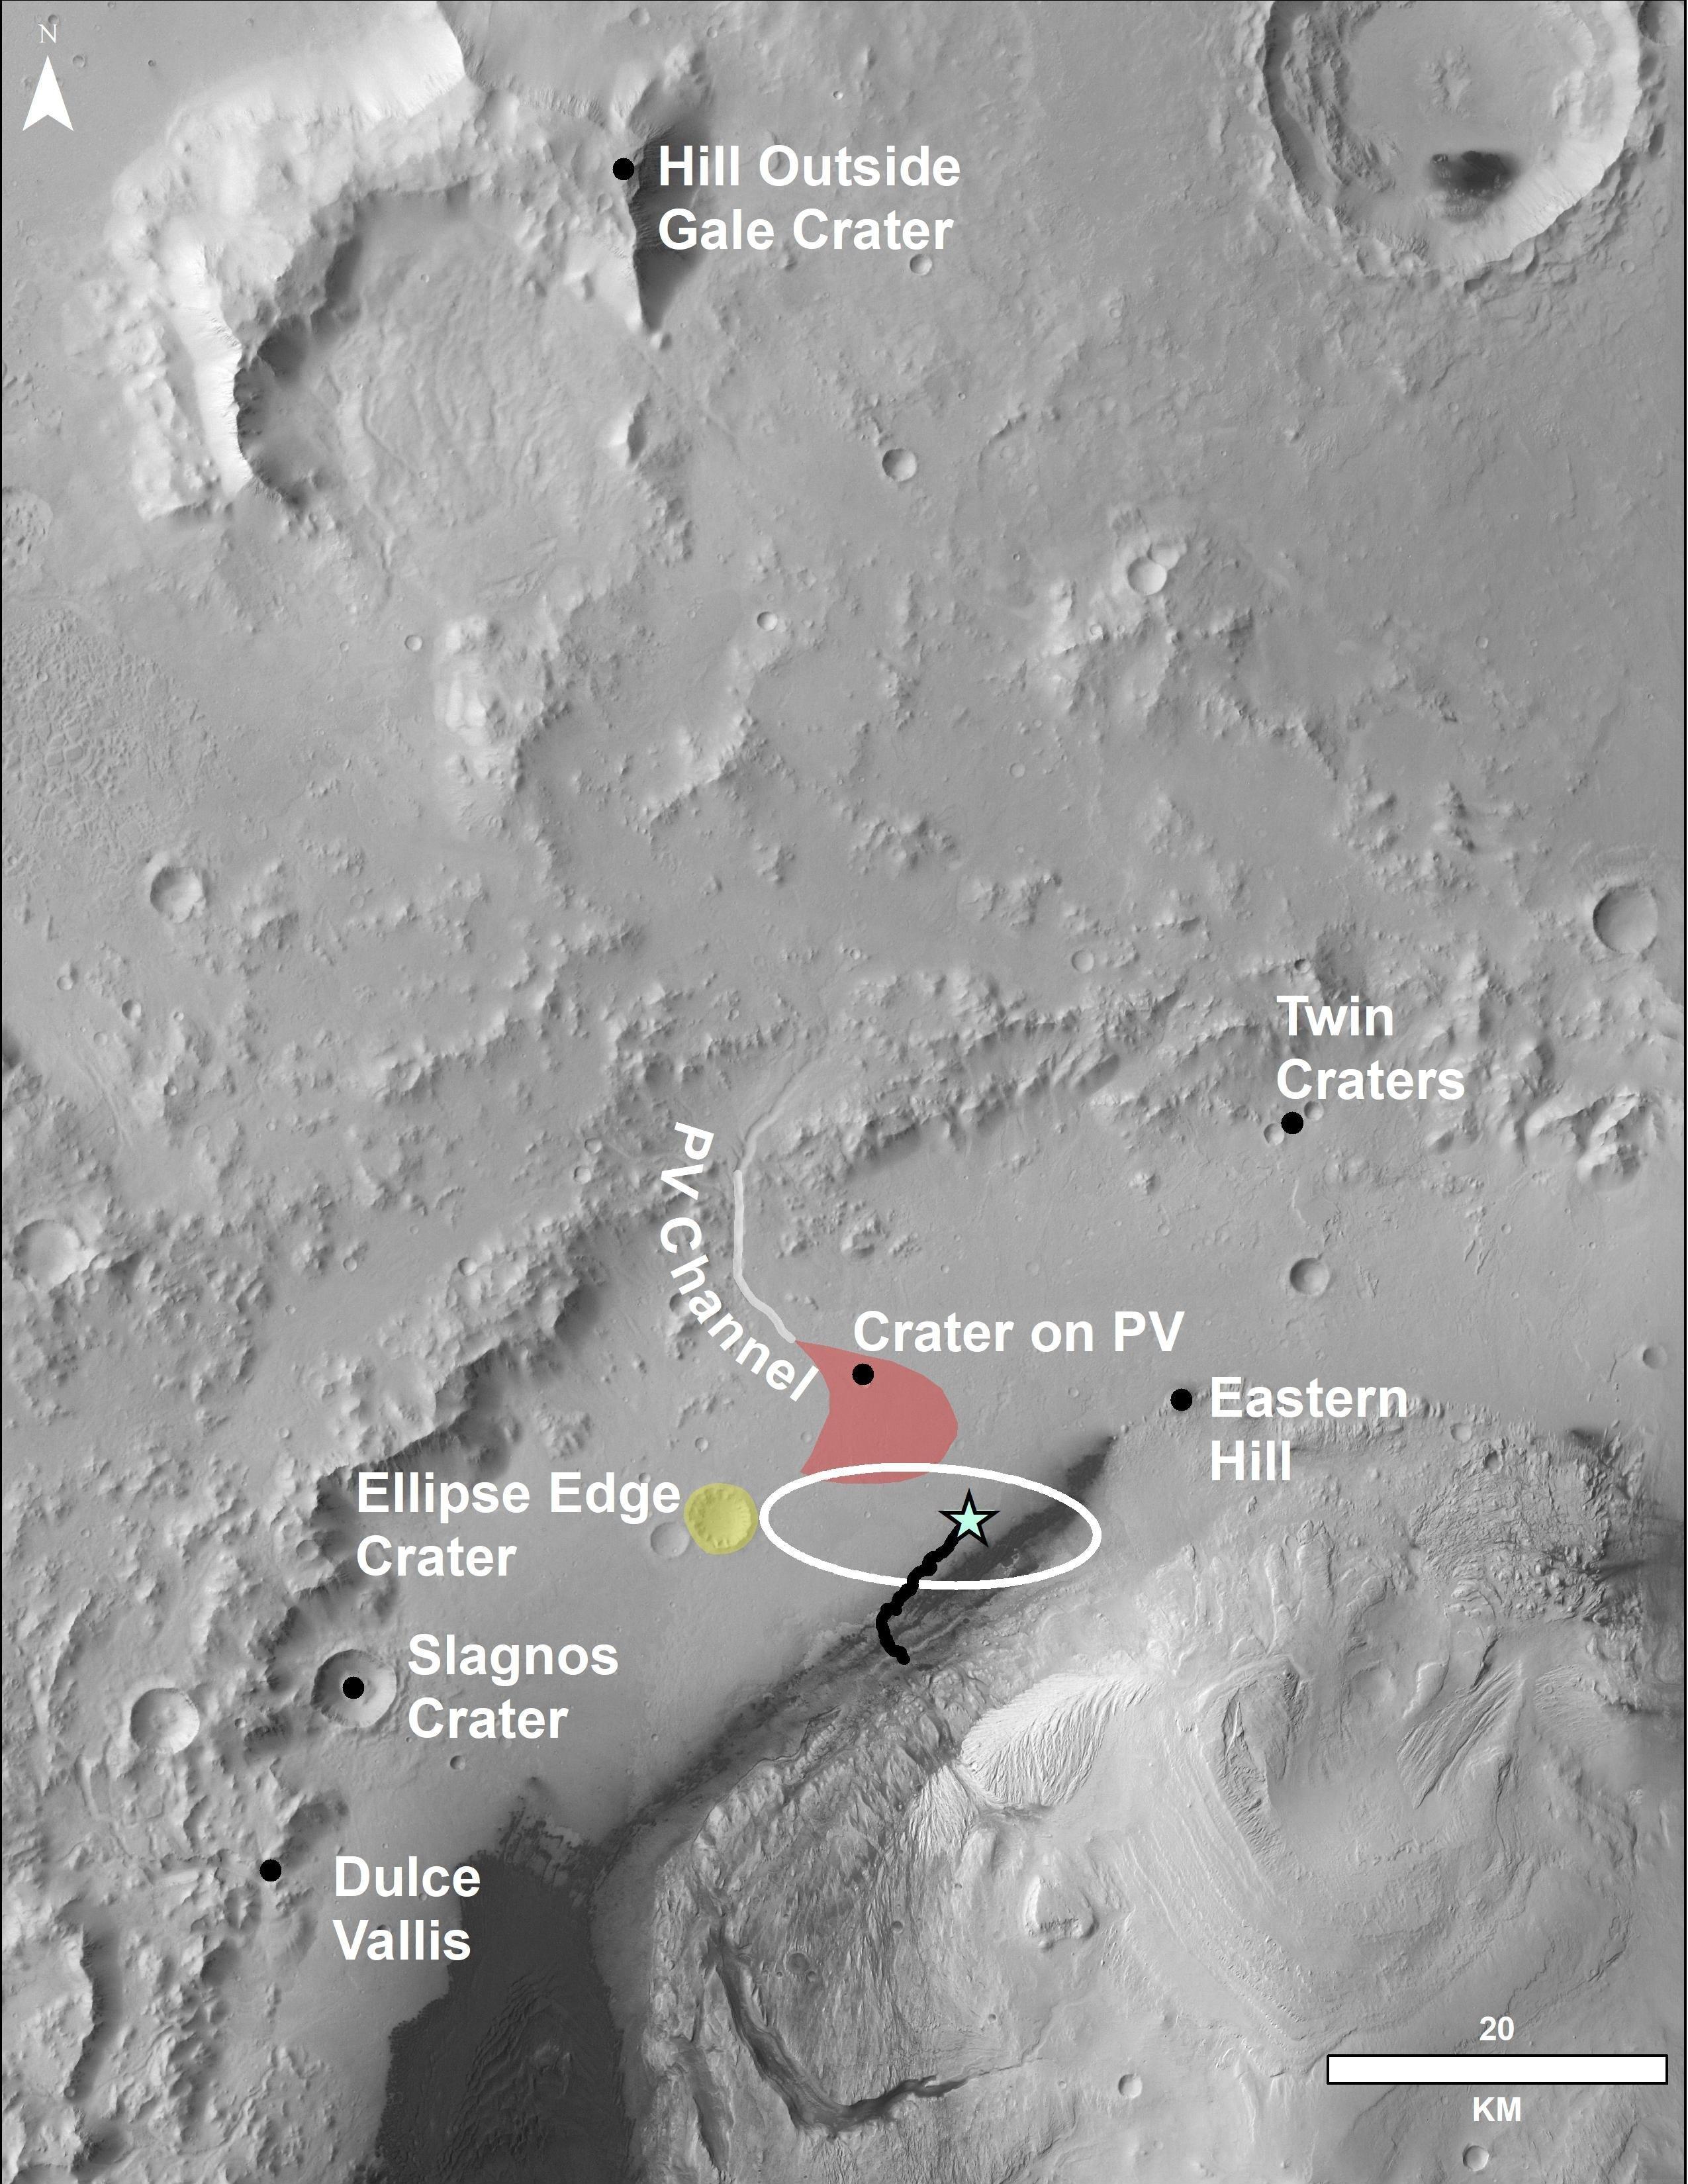 Esta foto aérea mostra a zona onde se encontra o rover Curiosity e seu percurso até agora. A cratera na parte superior da imagem fica a mais de 80 quilômetros do rover.